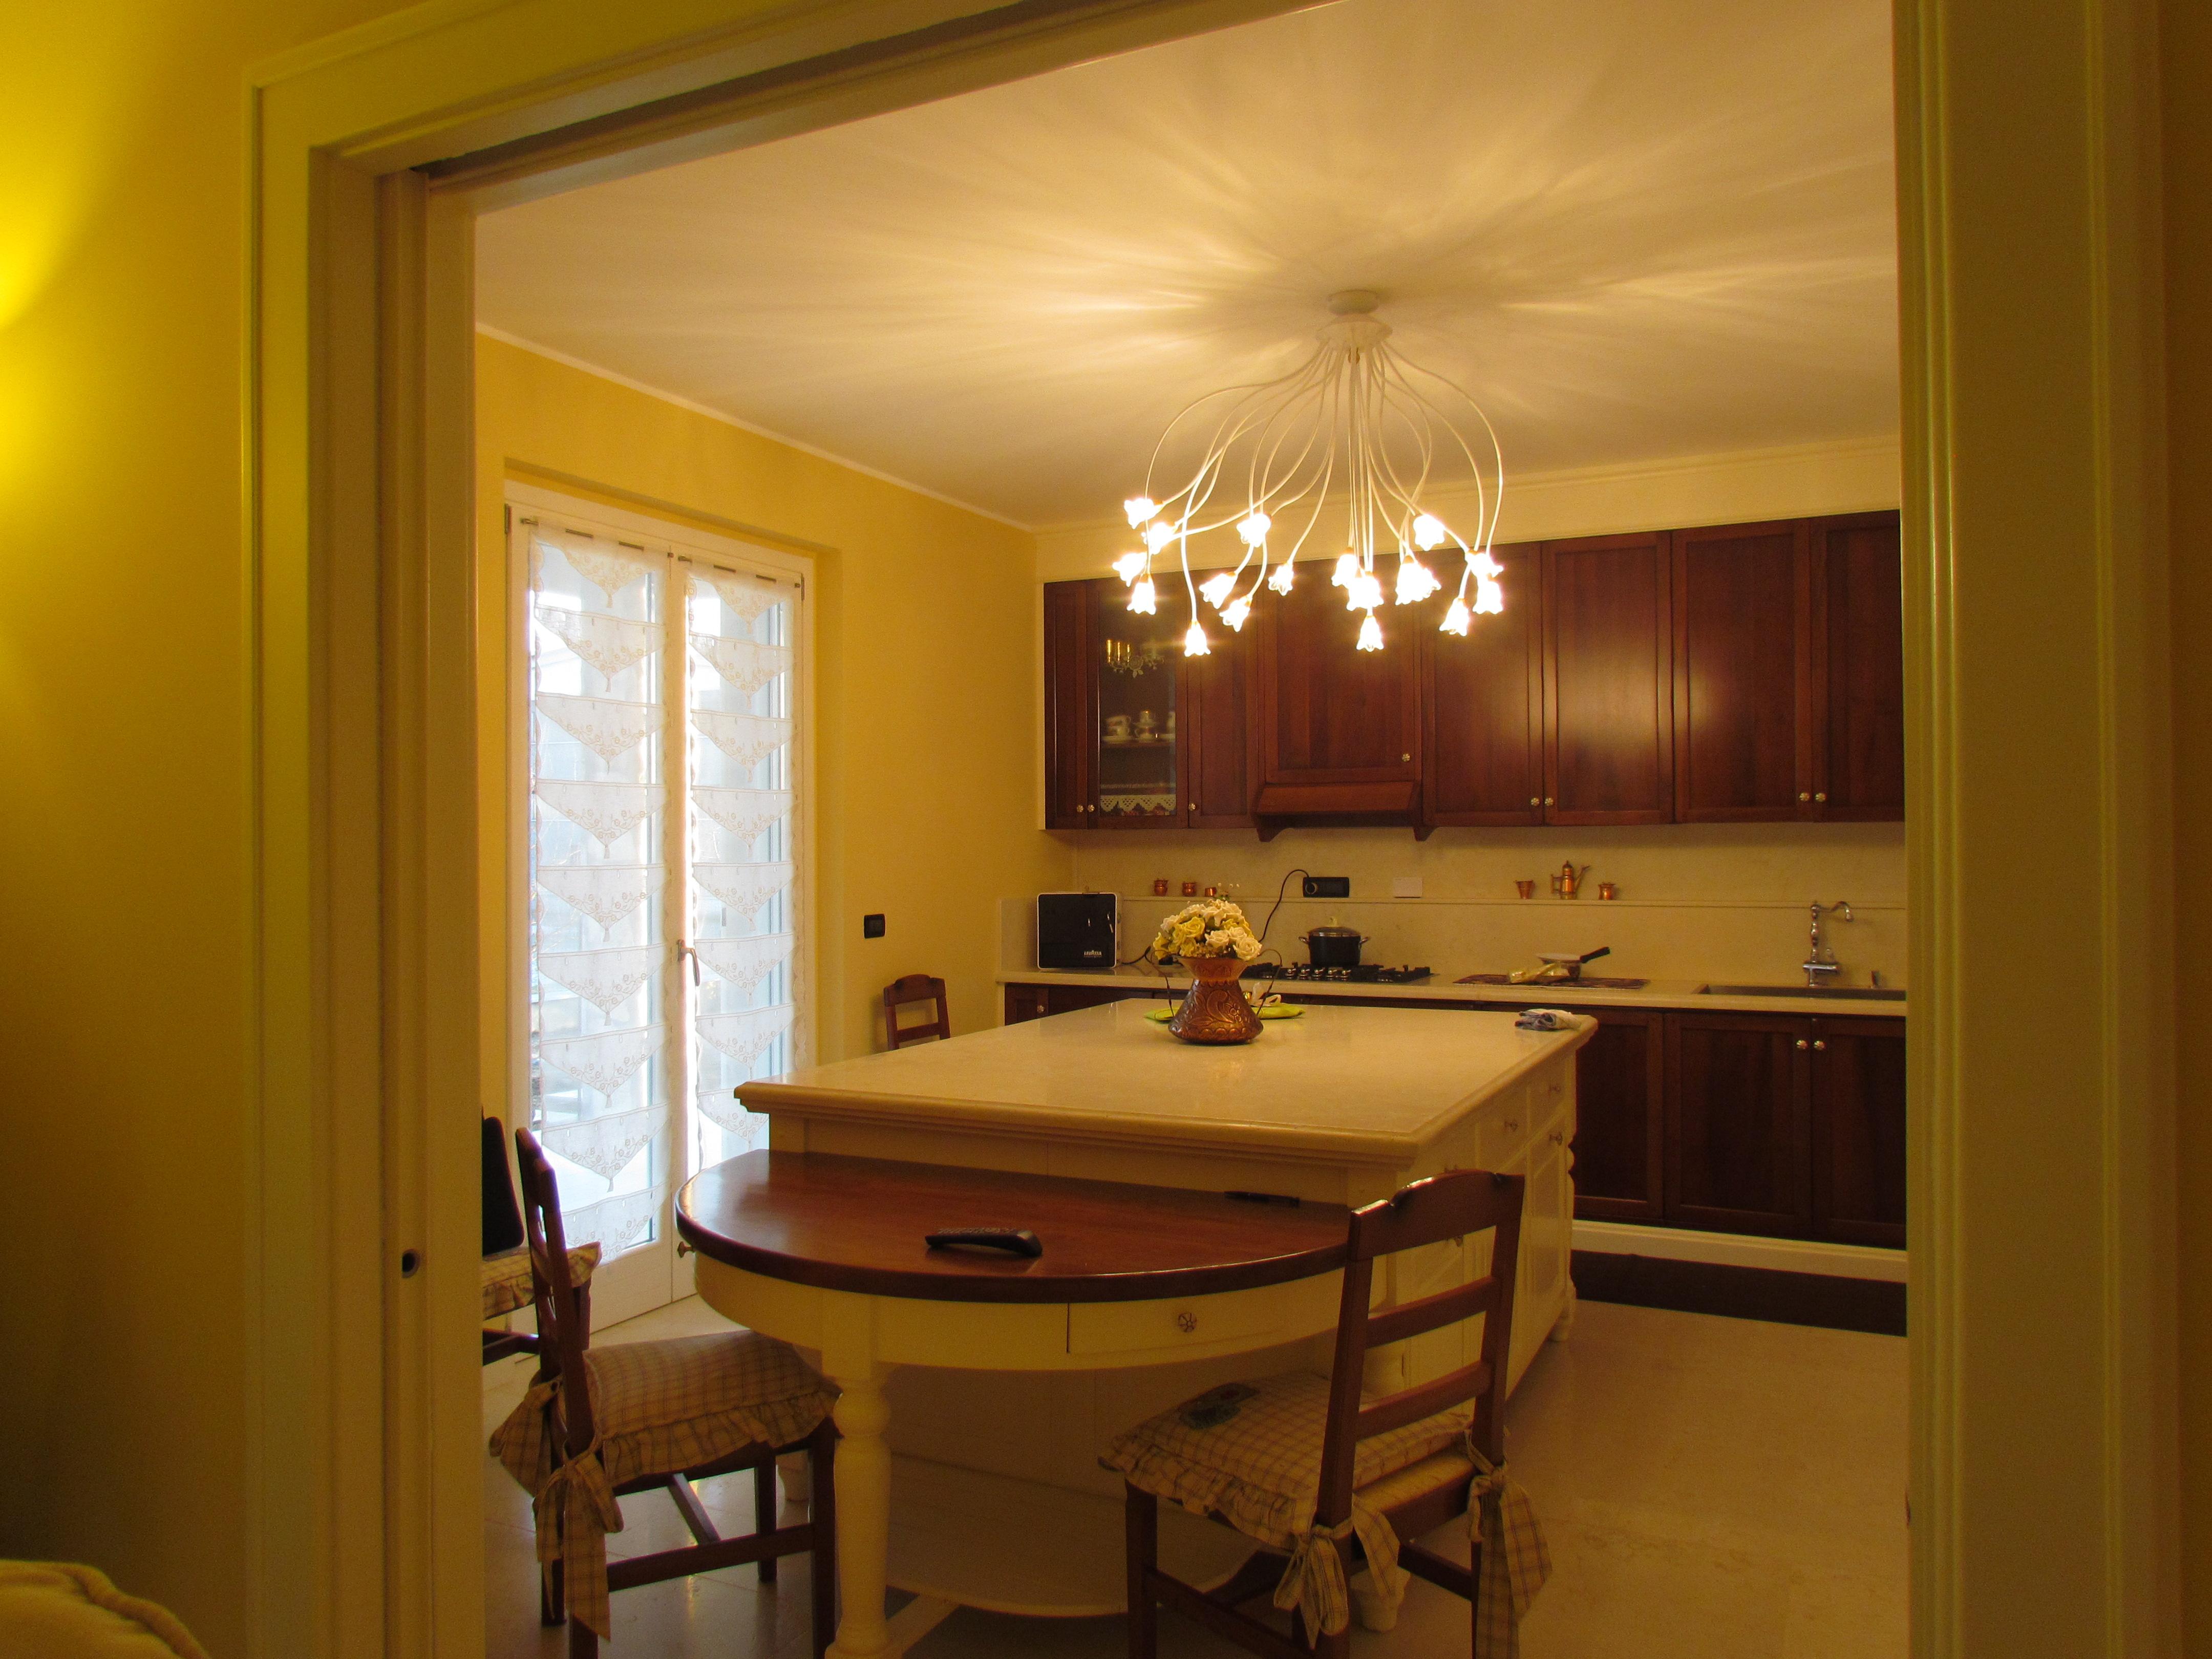 Dalla Sala Da Pranzo Un'altra Apertura Ci Porta Alla Cucina #CBAA00 4320 3240 Oggetti Sala Da Pranzo